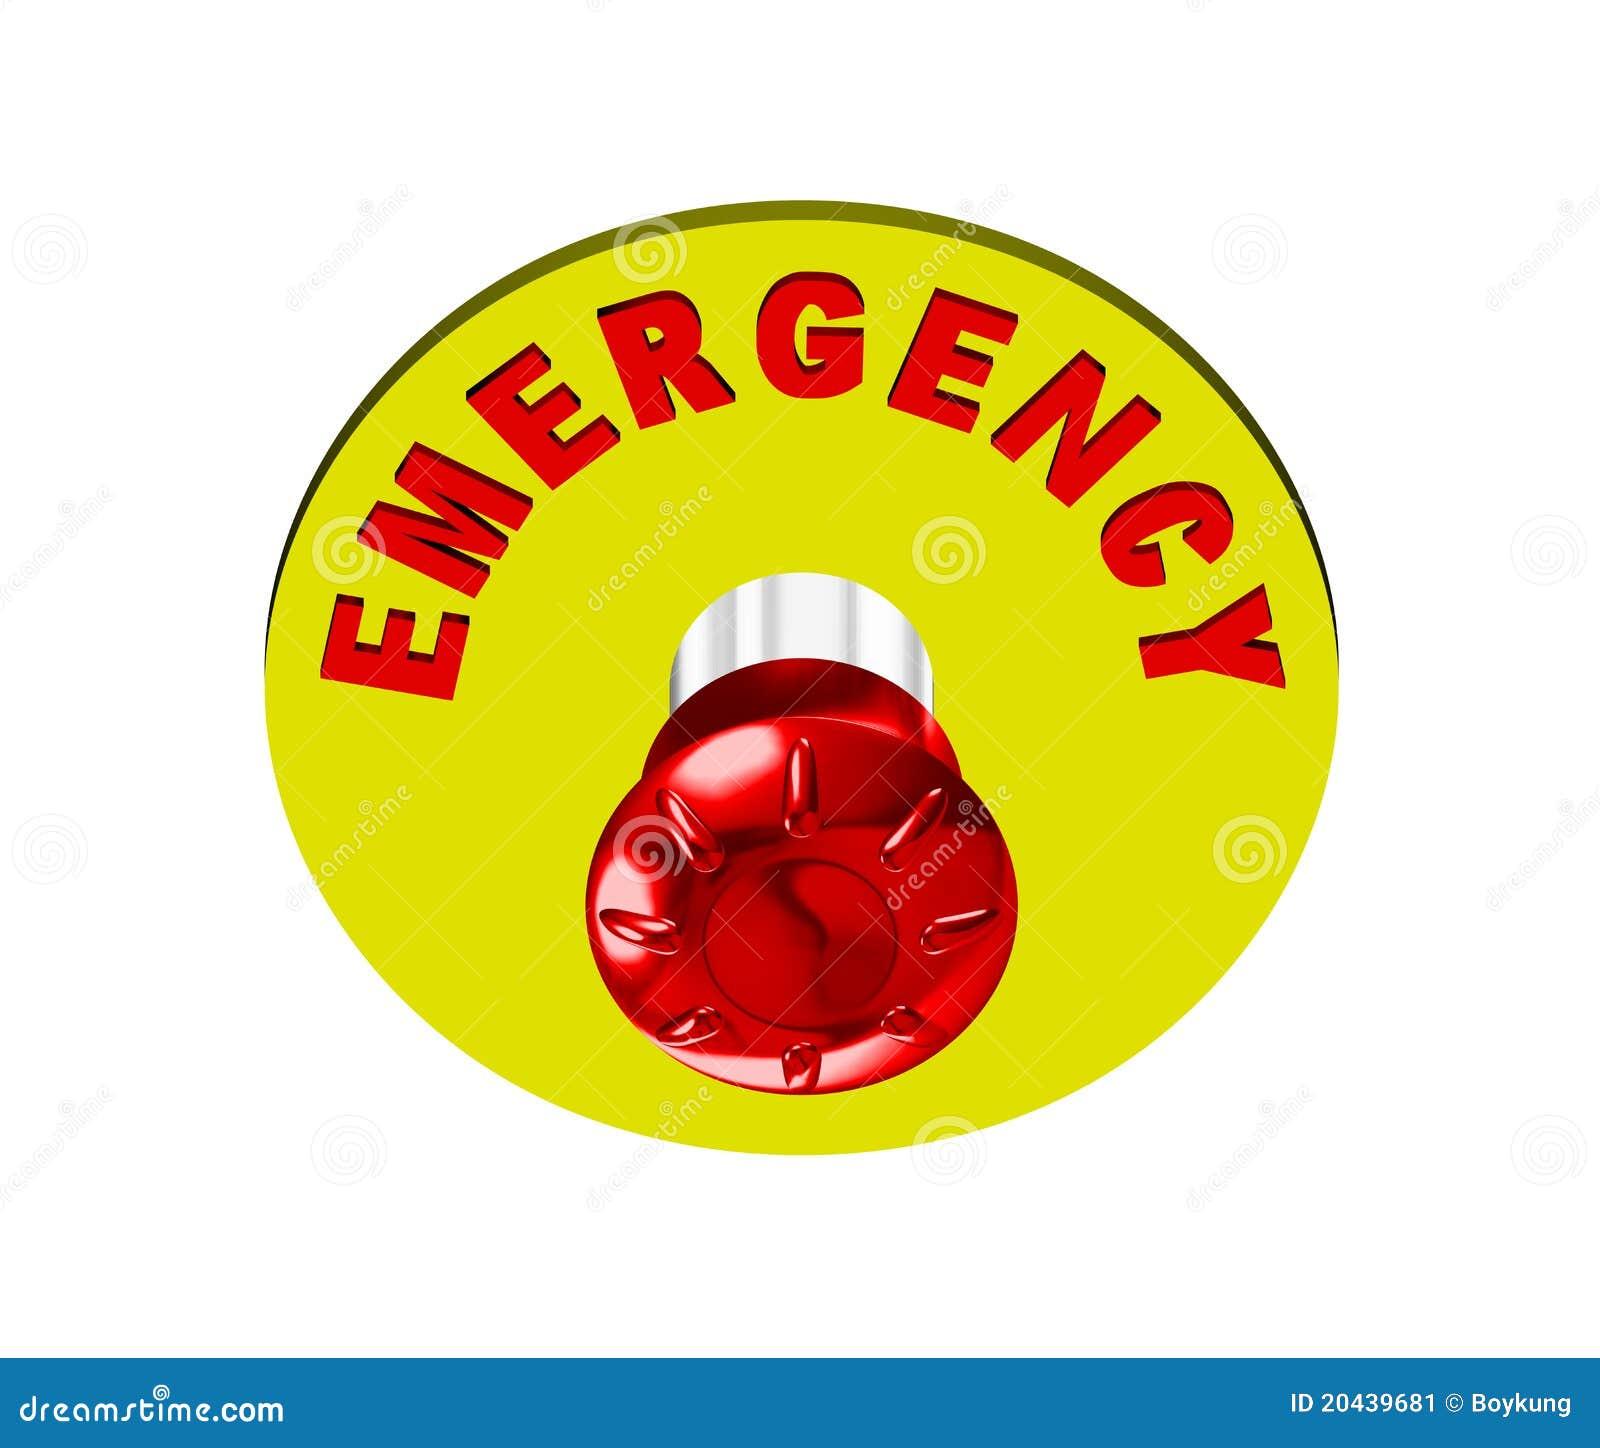 Pulsante di emergenza immagine stock immagine 20439681 - Letto di emergenza ...